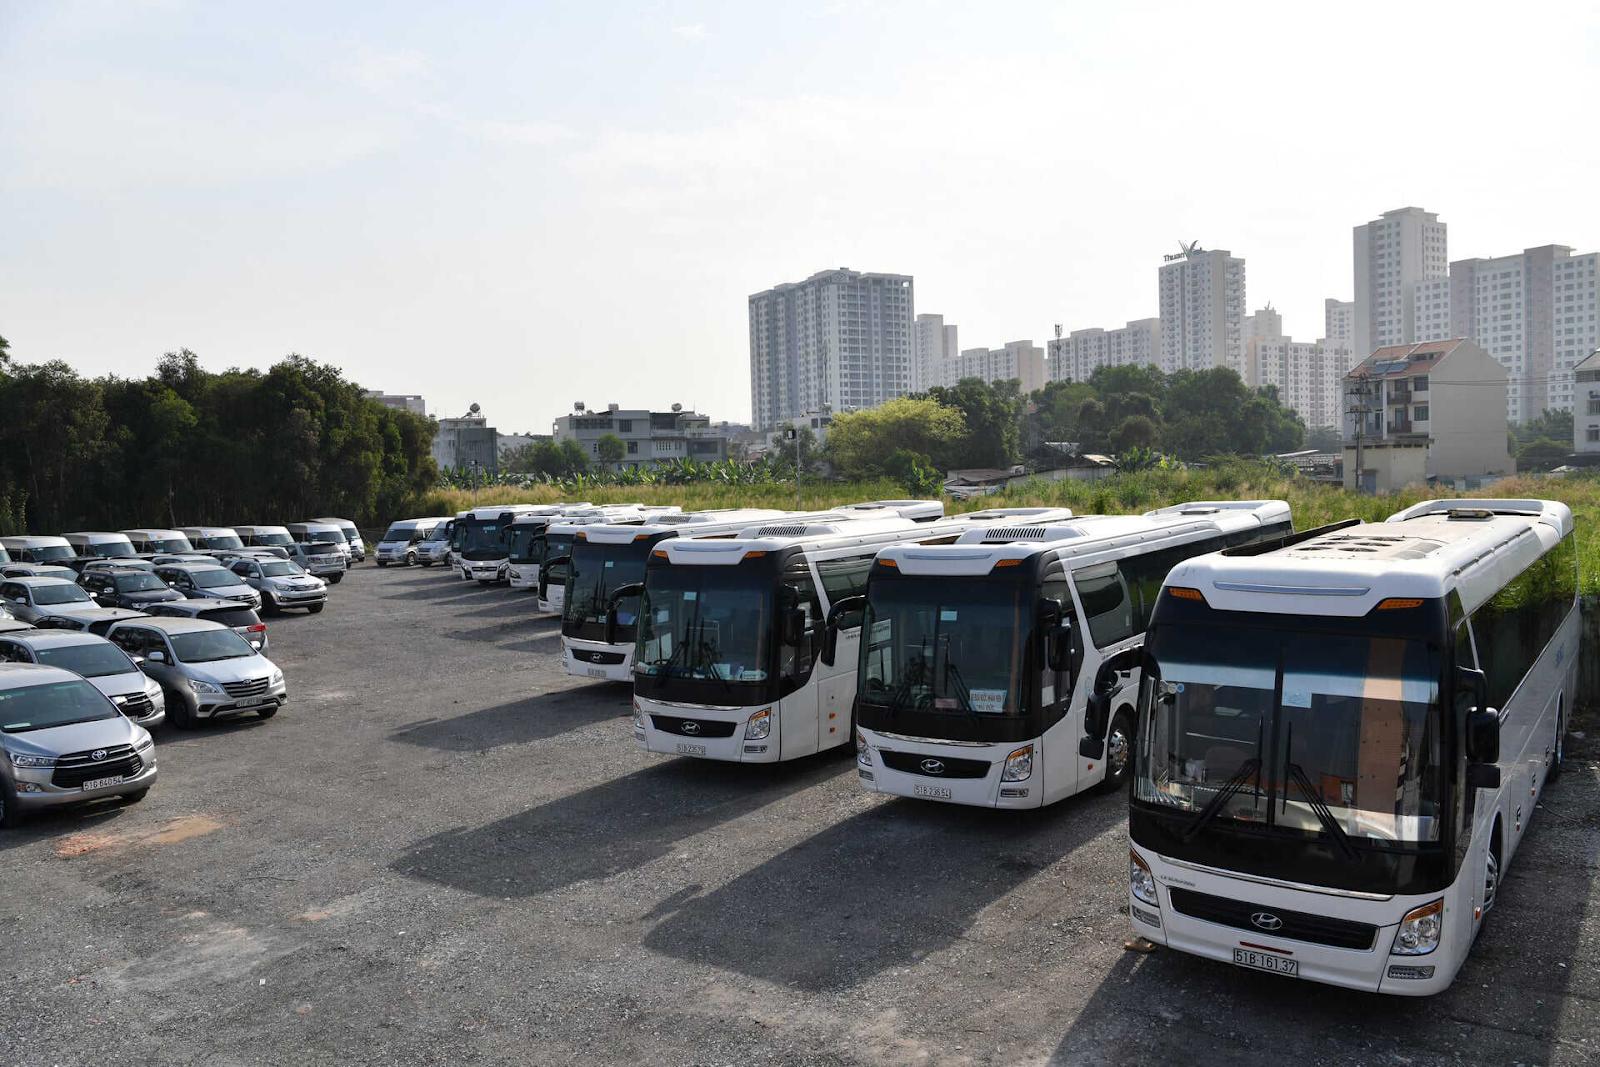 Xe du lịch có thể chọn loại lớn hoặc nhỏ phụ thuộc vào số người và nhu cầu sử dụng